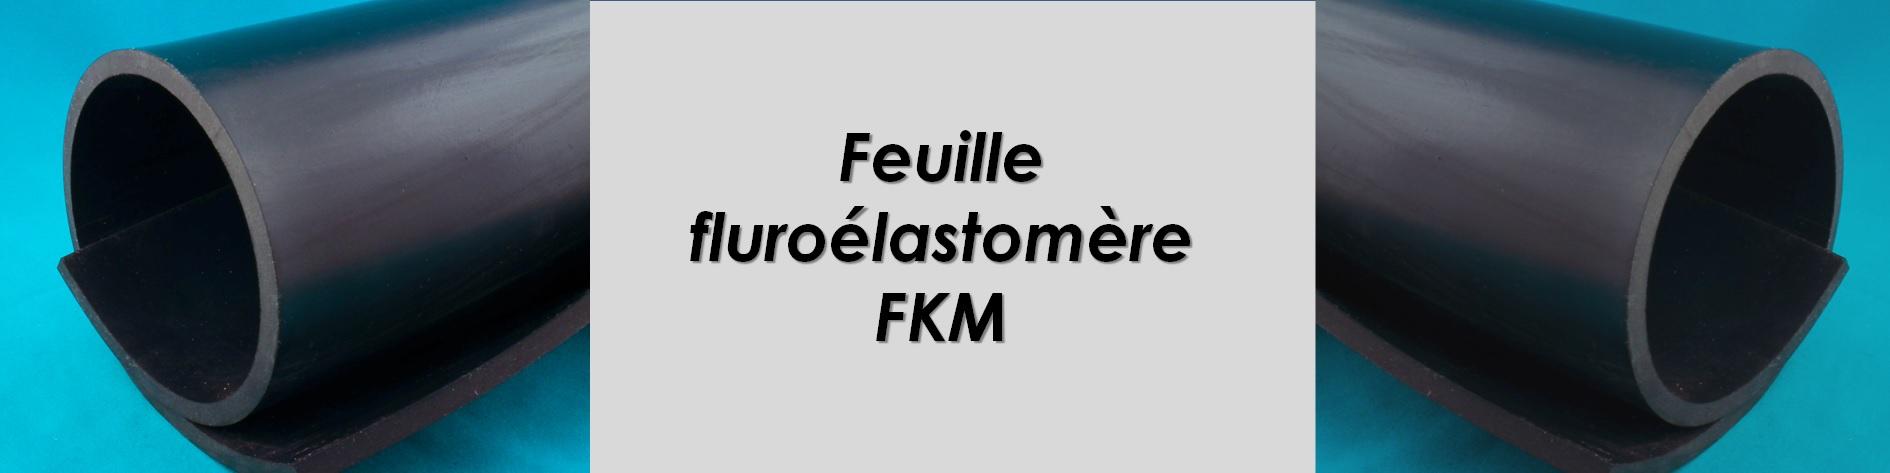 Feuille Élastomère Fluoré, huile jusqu'à 250 °C